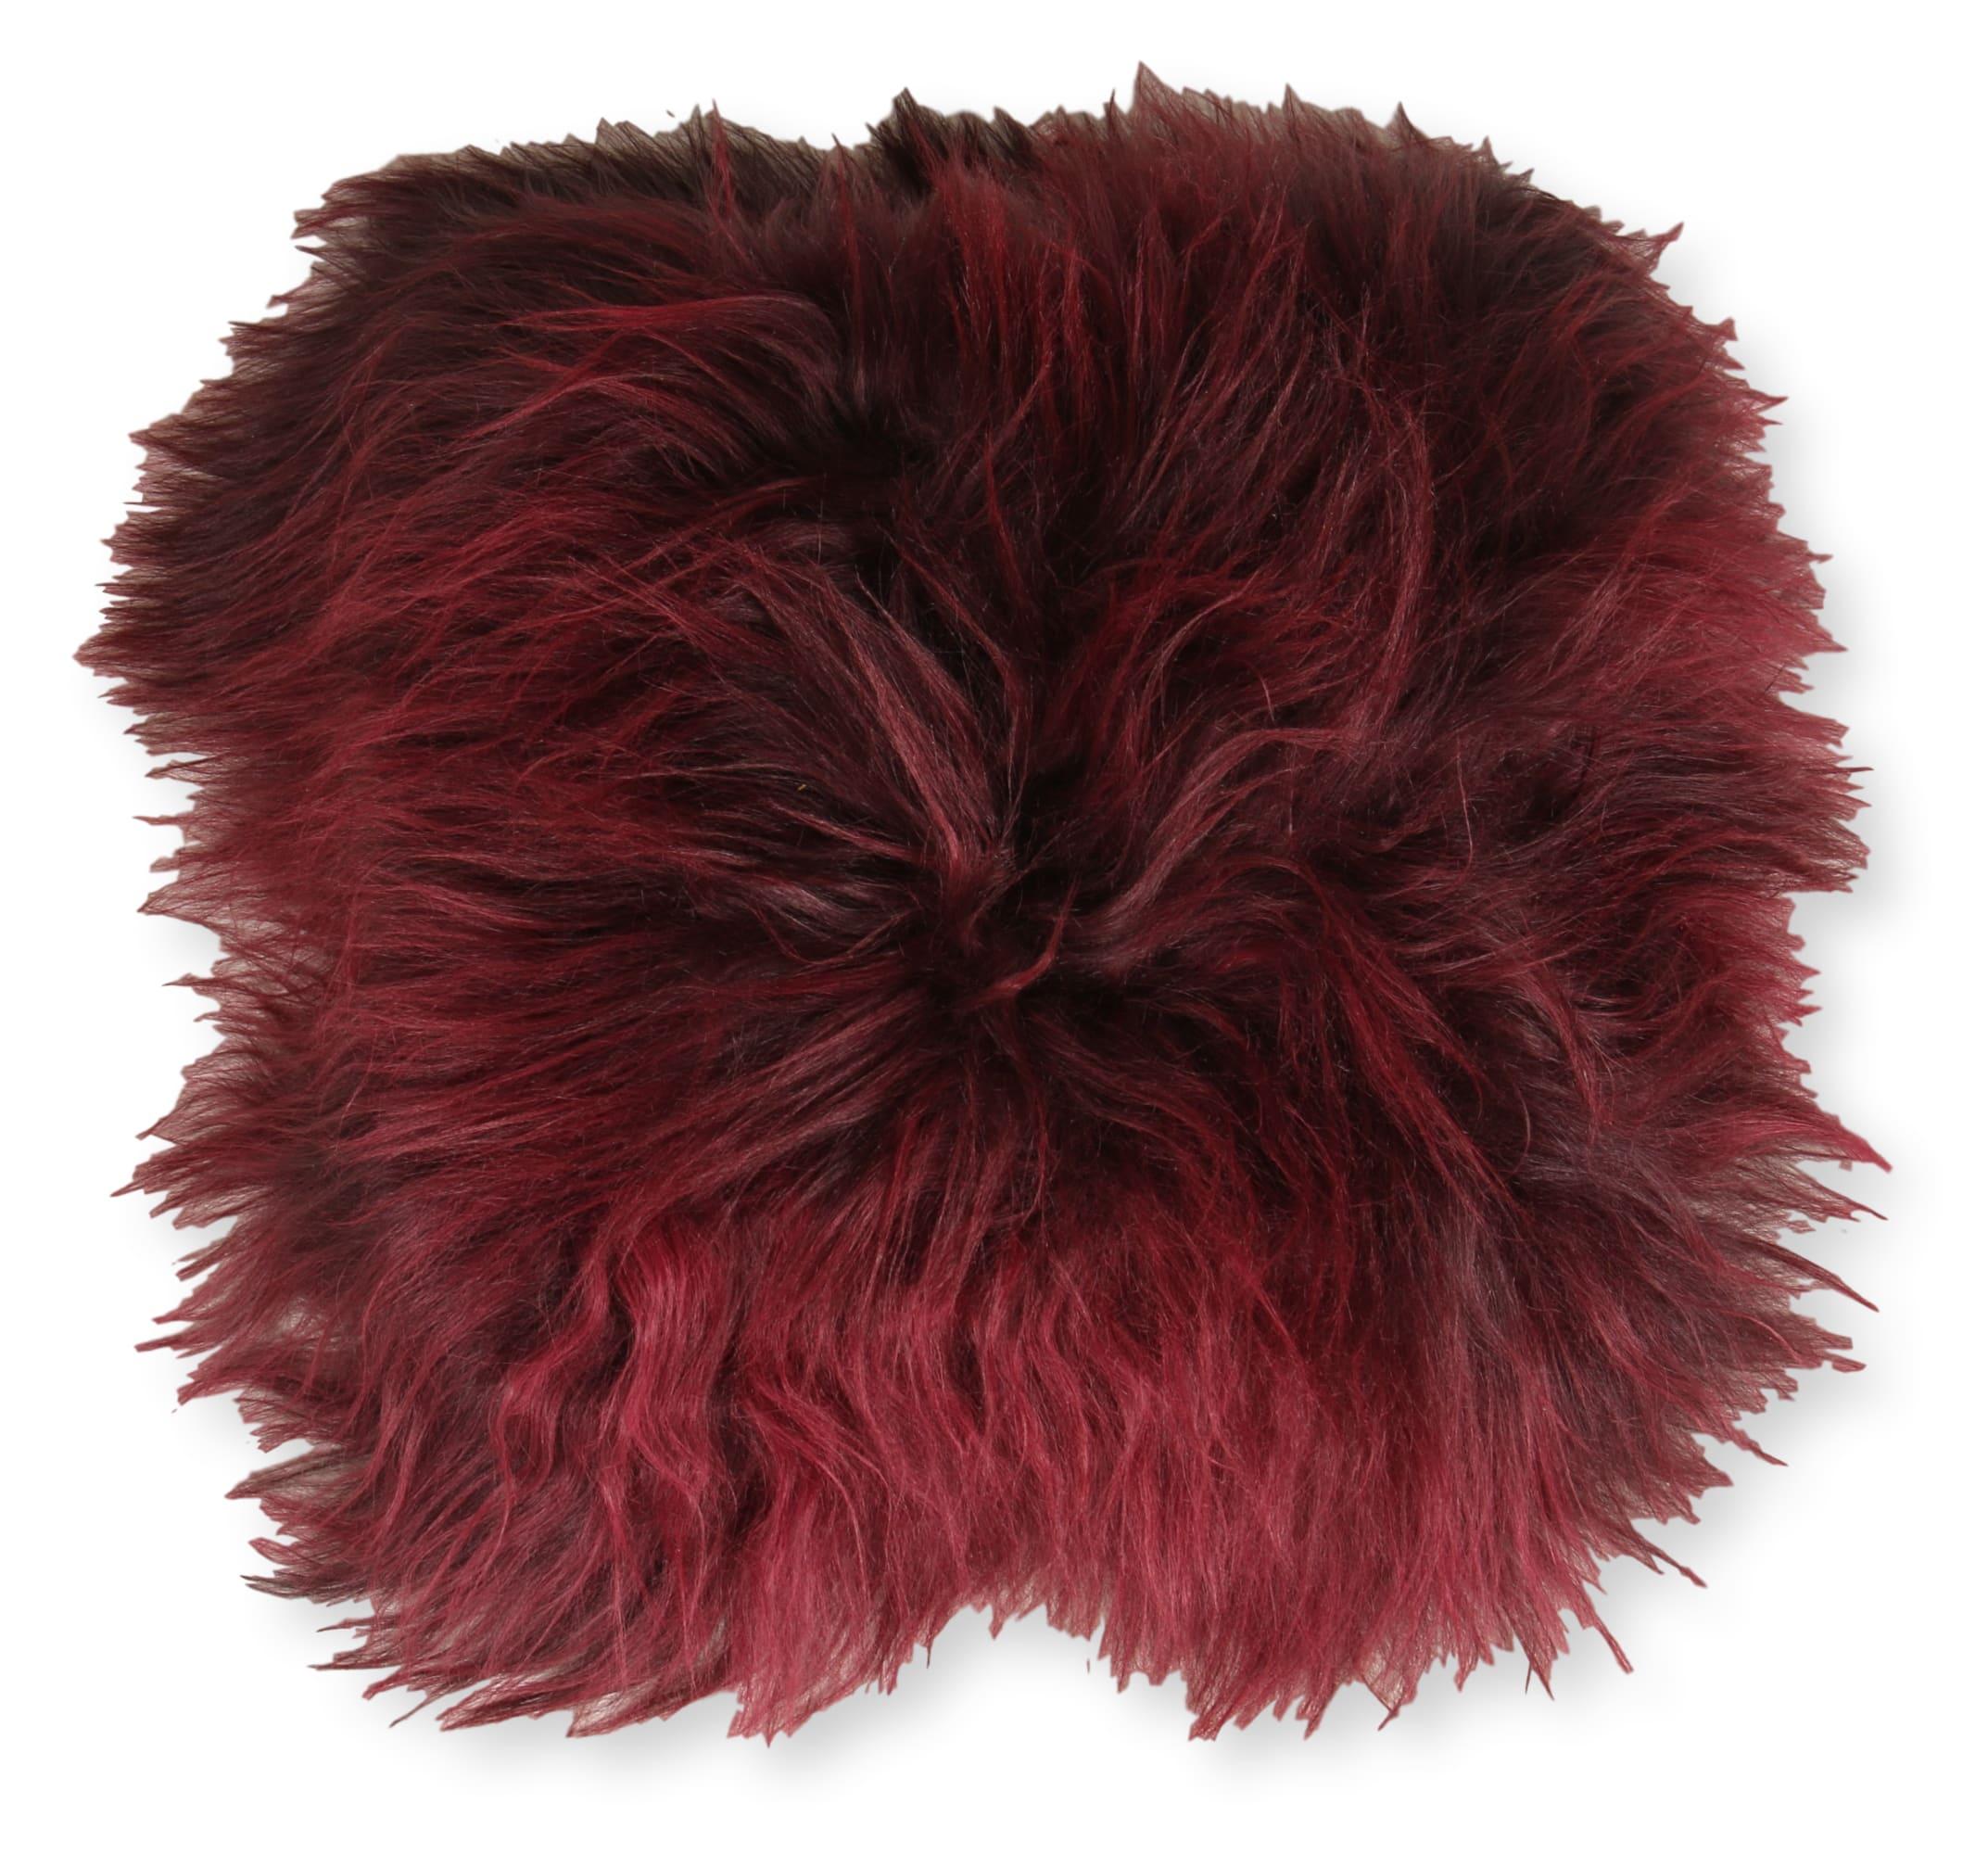 Esbeco Coussin en peau de mouton islandais bourgogne rouge 35x35